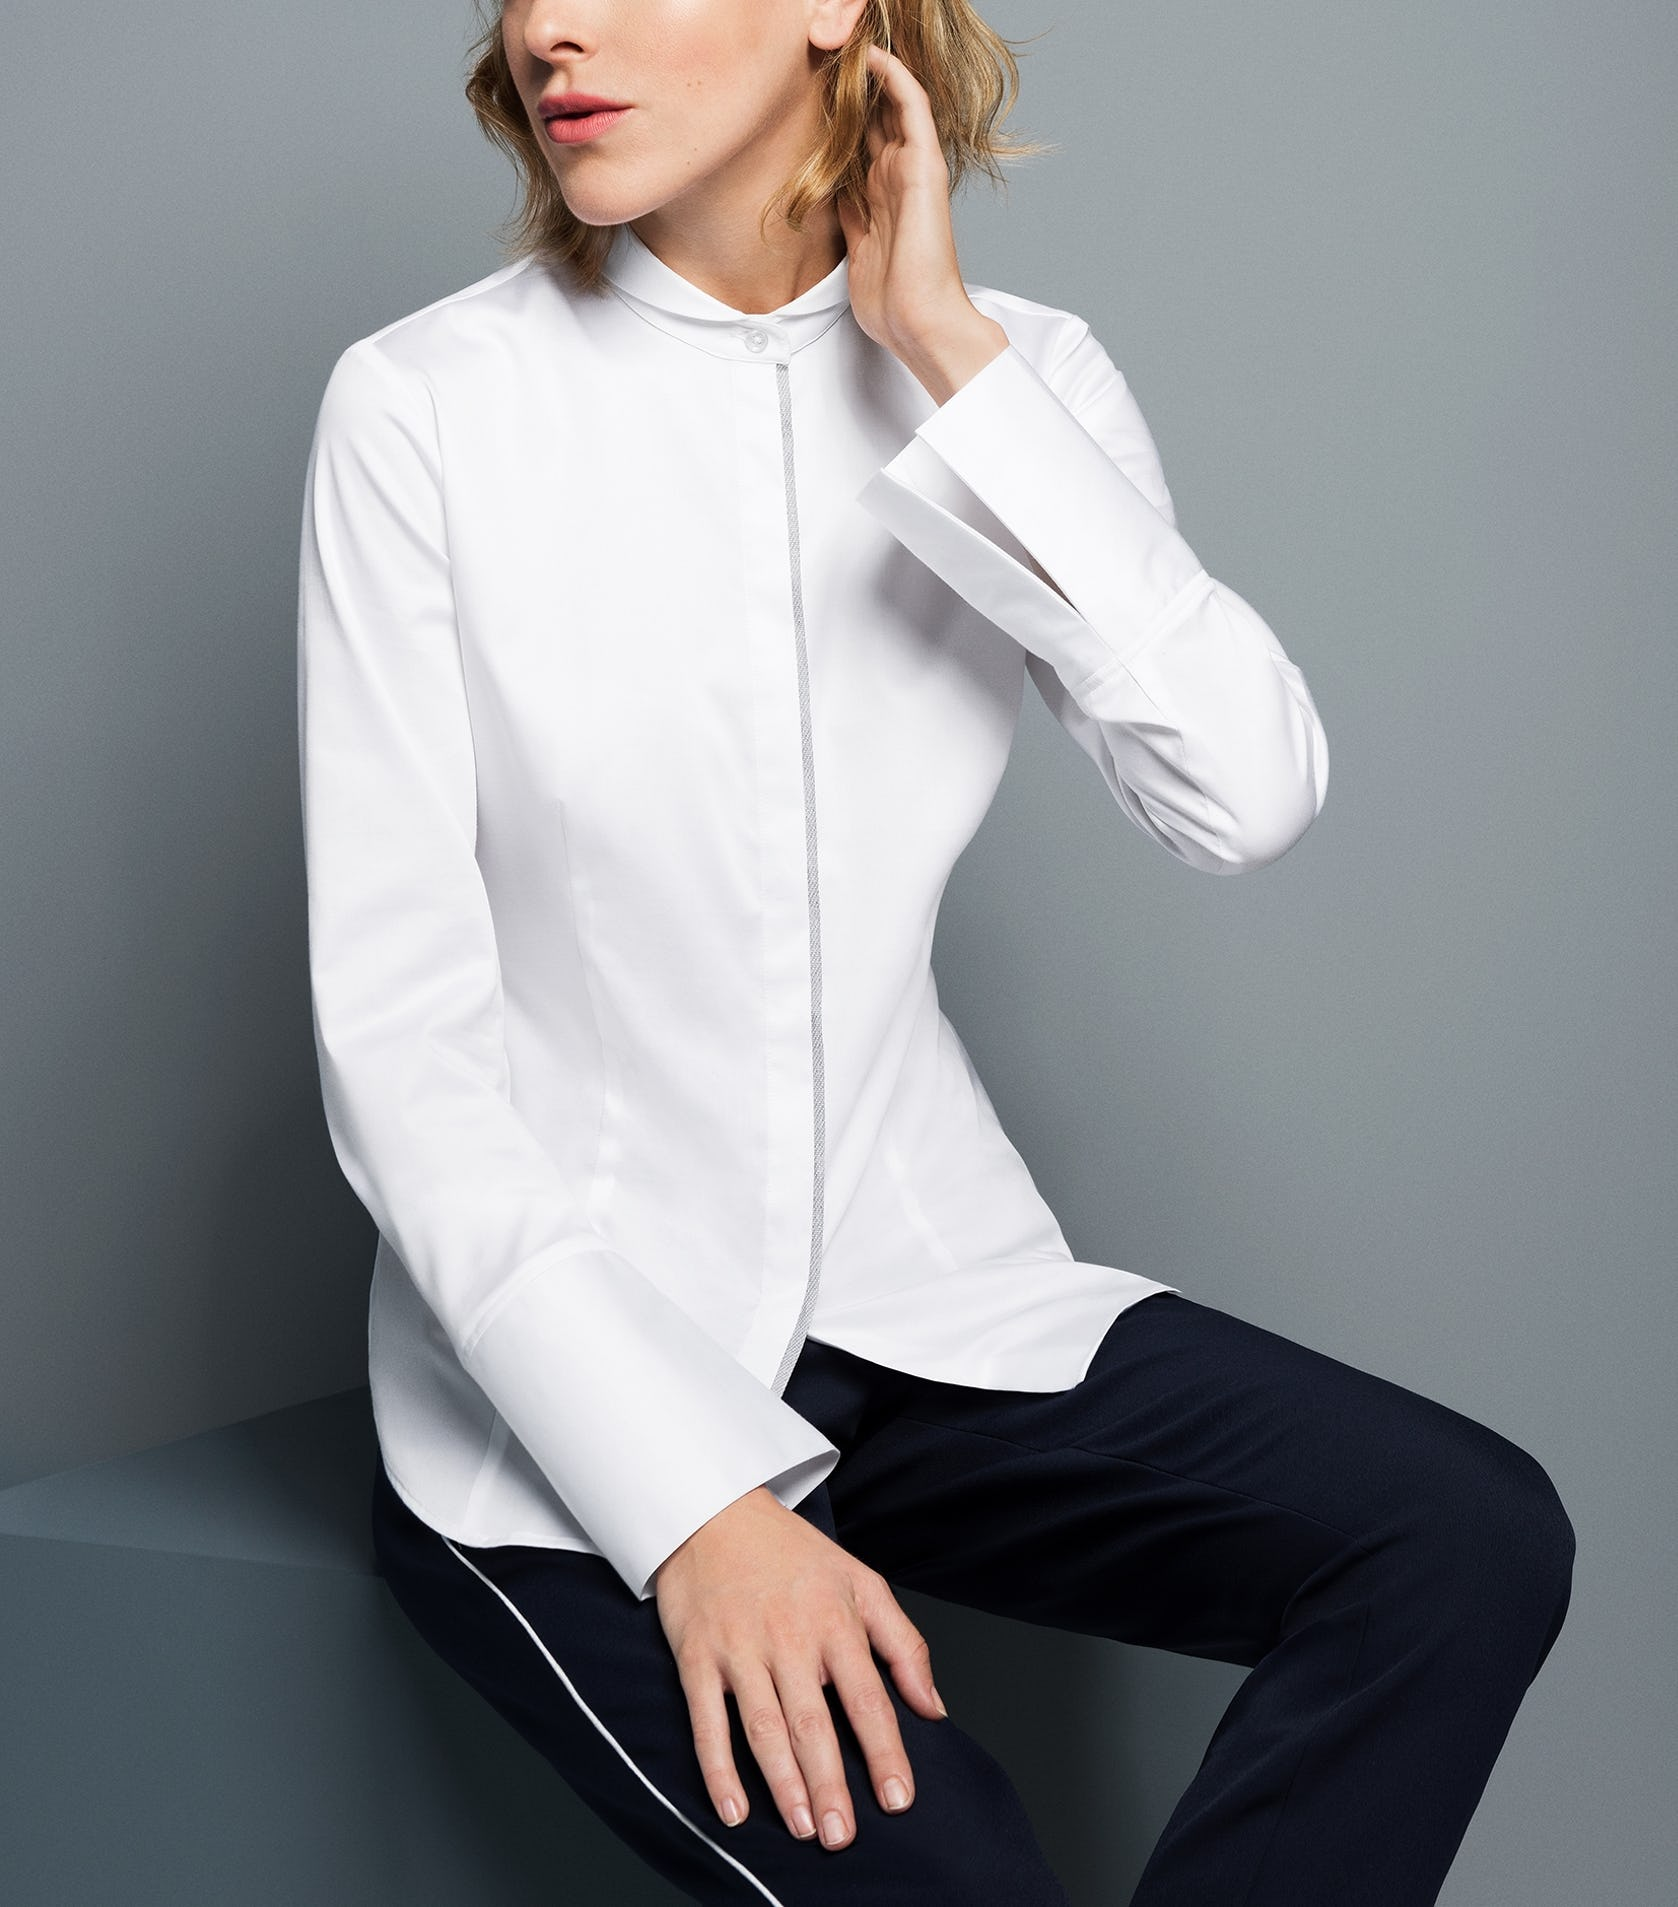 ff8b74fd6f056c Die weiße Bluse ist Ihr